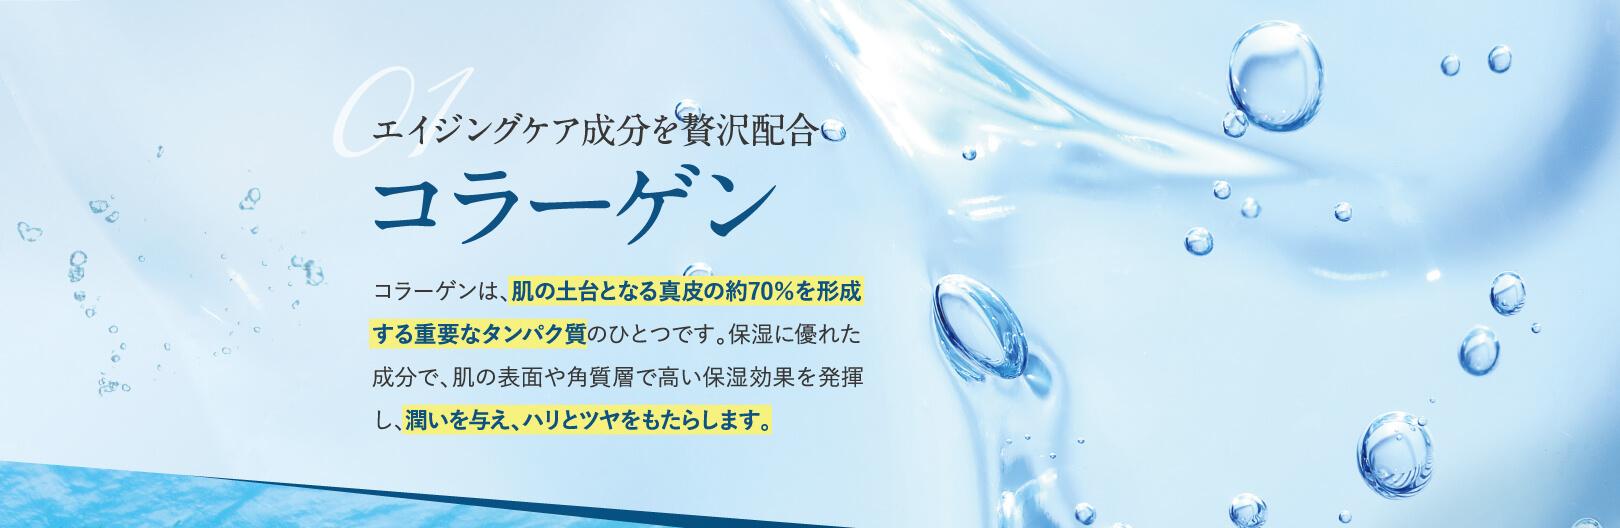 エイジングケア成分を贅沢配合コラーゲン